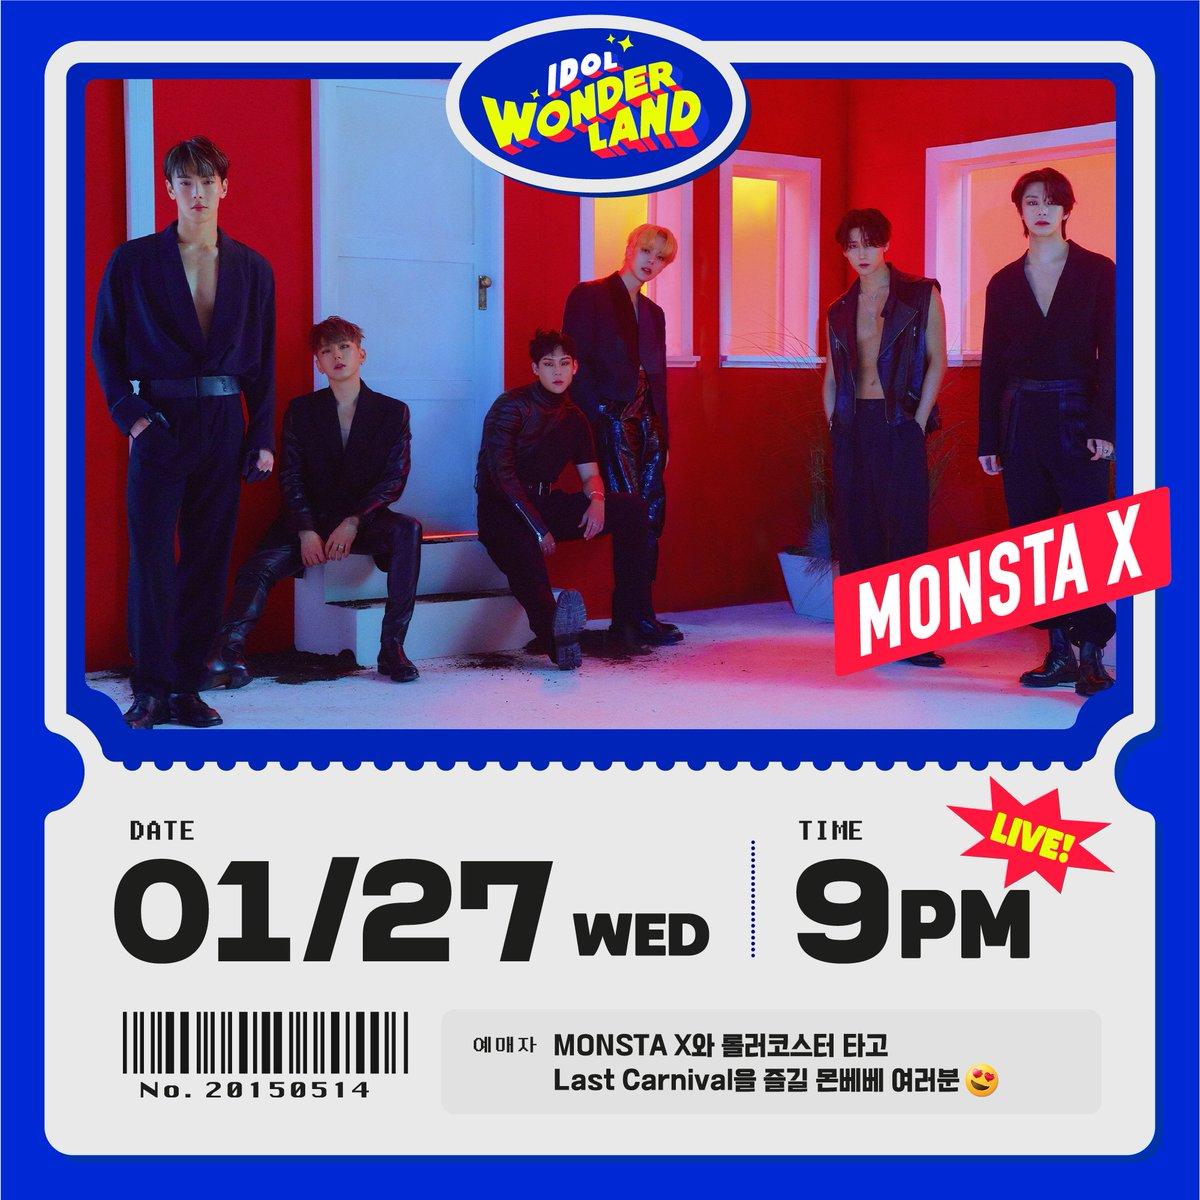 띵동🔔 '아이돌 원더랜드' 티켓이 발급되었습니다🎟  ✨몬스타엑스와 함께하는 소원 성취 라이브 SHOW!✨ 우리 24시간 뒤에 만나요~💗  #몬스타엑스 #MONSTAX #JTBC #Seezn #아이돌원더랜드